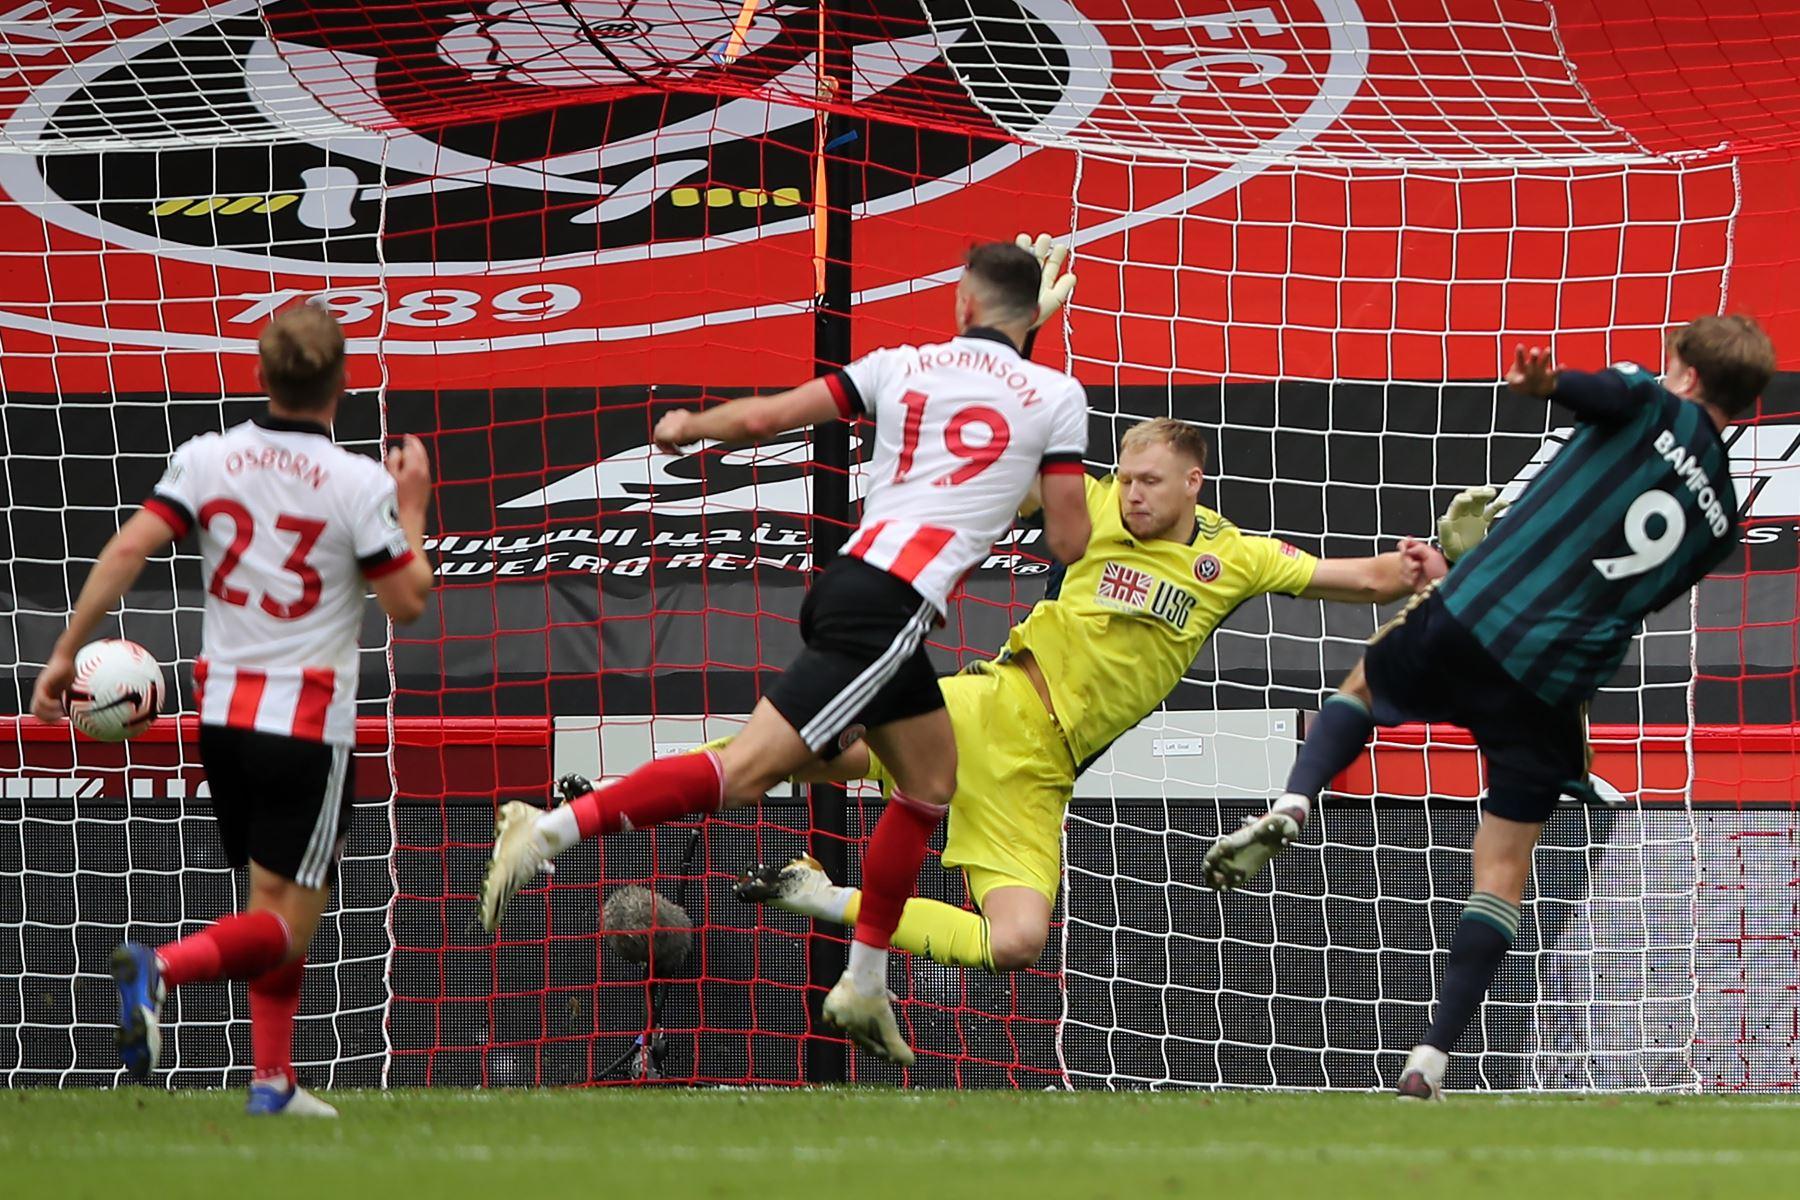 El delantero inglés del Leeds United, Patrick Bamford, dispara para anotar el gol de apertura durante el partido de fútbol de la Premier League inglesa. Foto: AFP